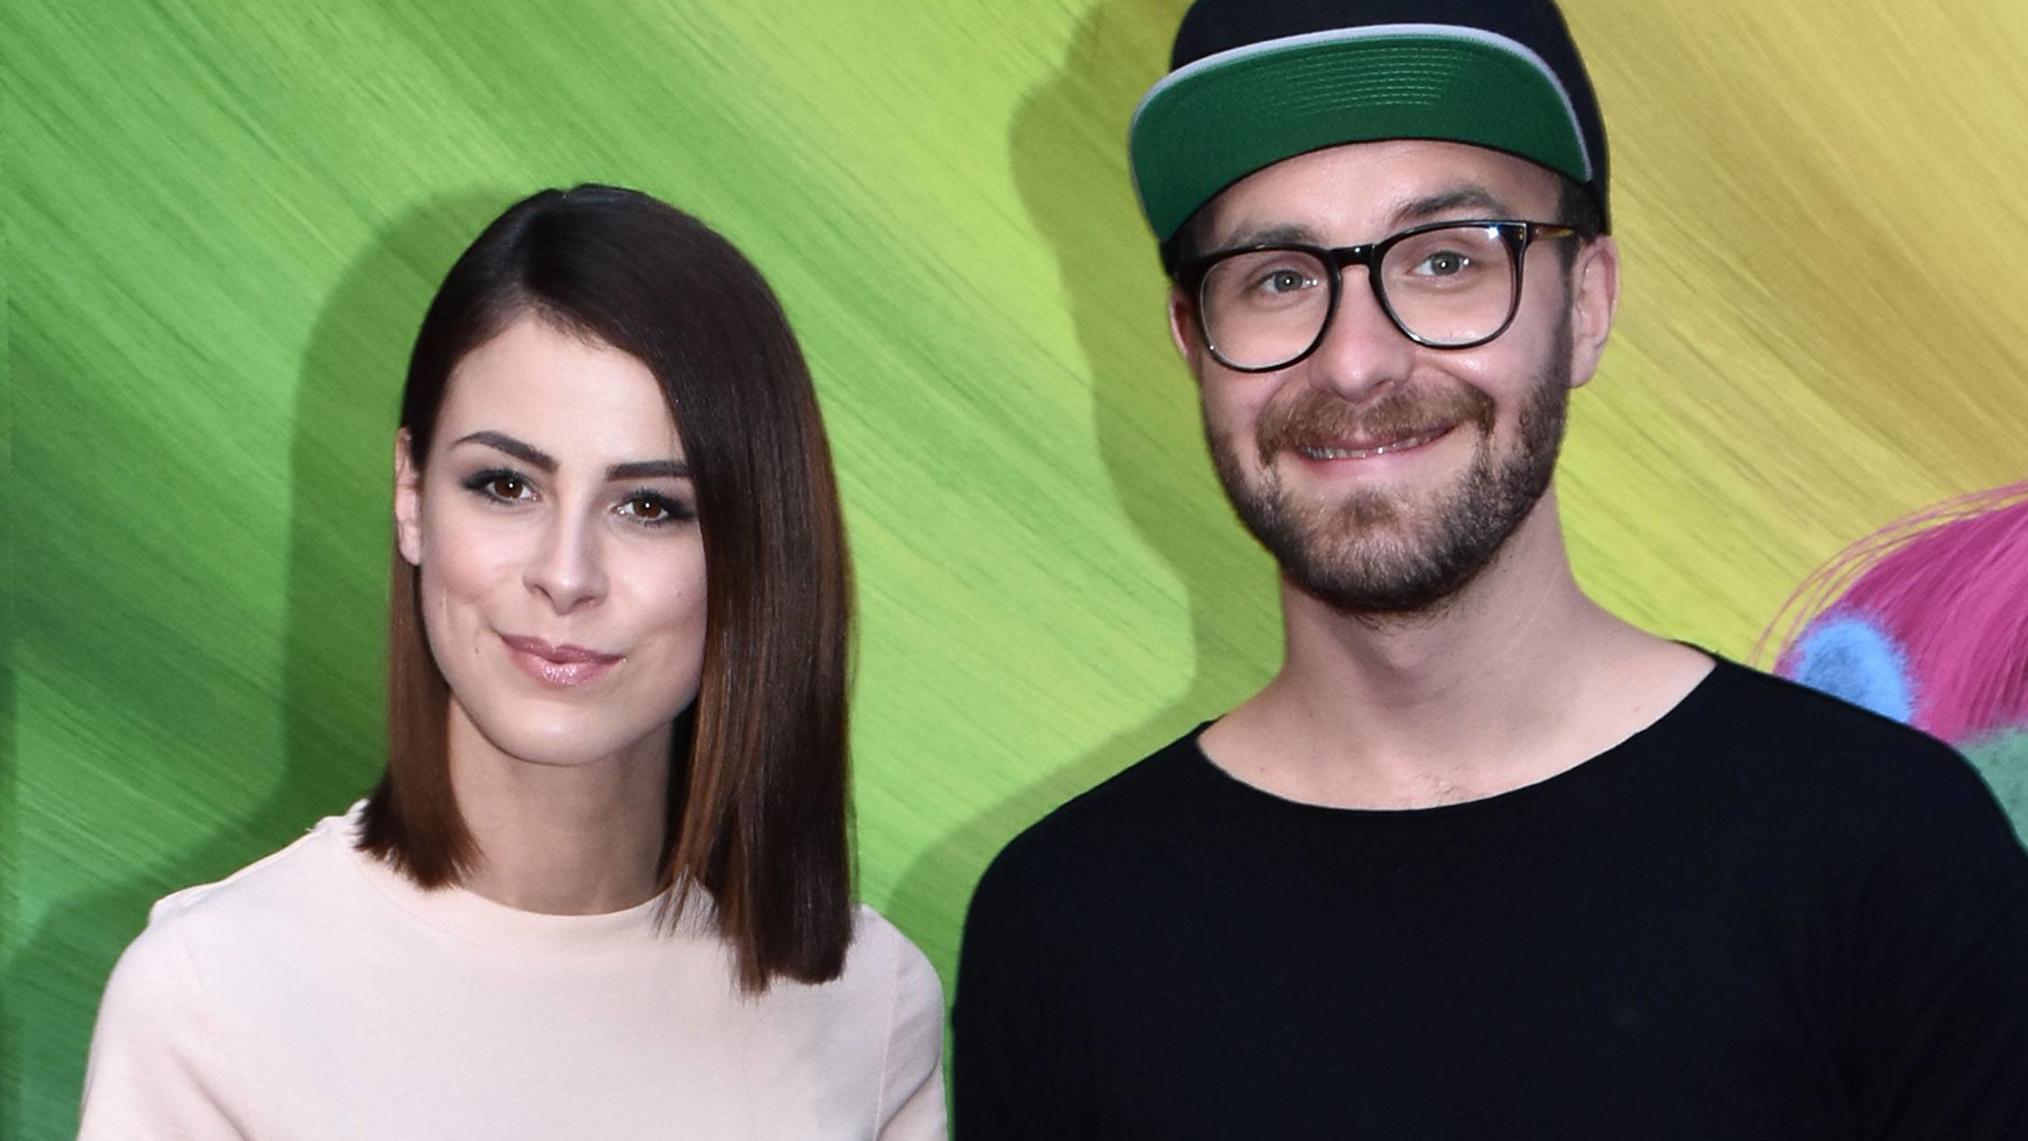 Freundin schwanger forster mark Lena Meyer